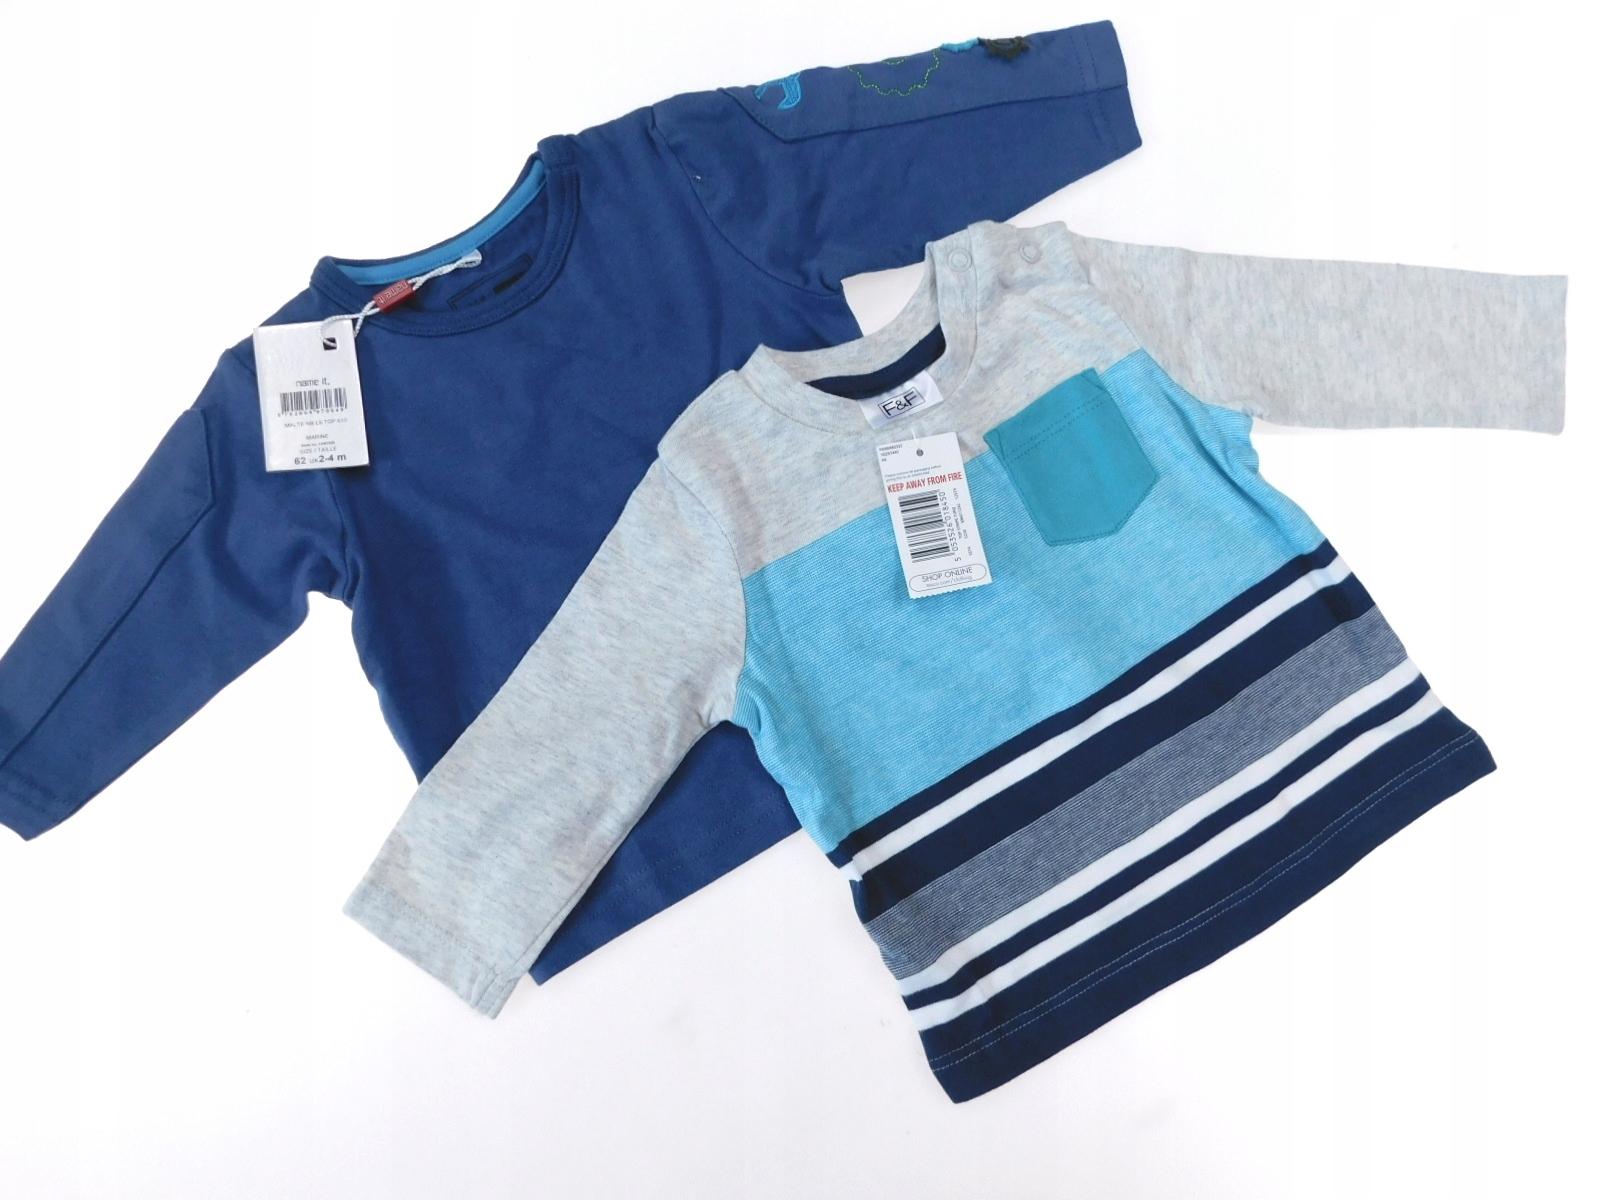 zestaw nowe bluzki bawełna name i ff _ 62